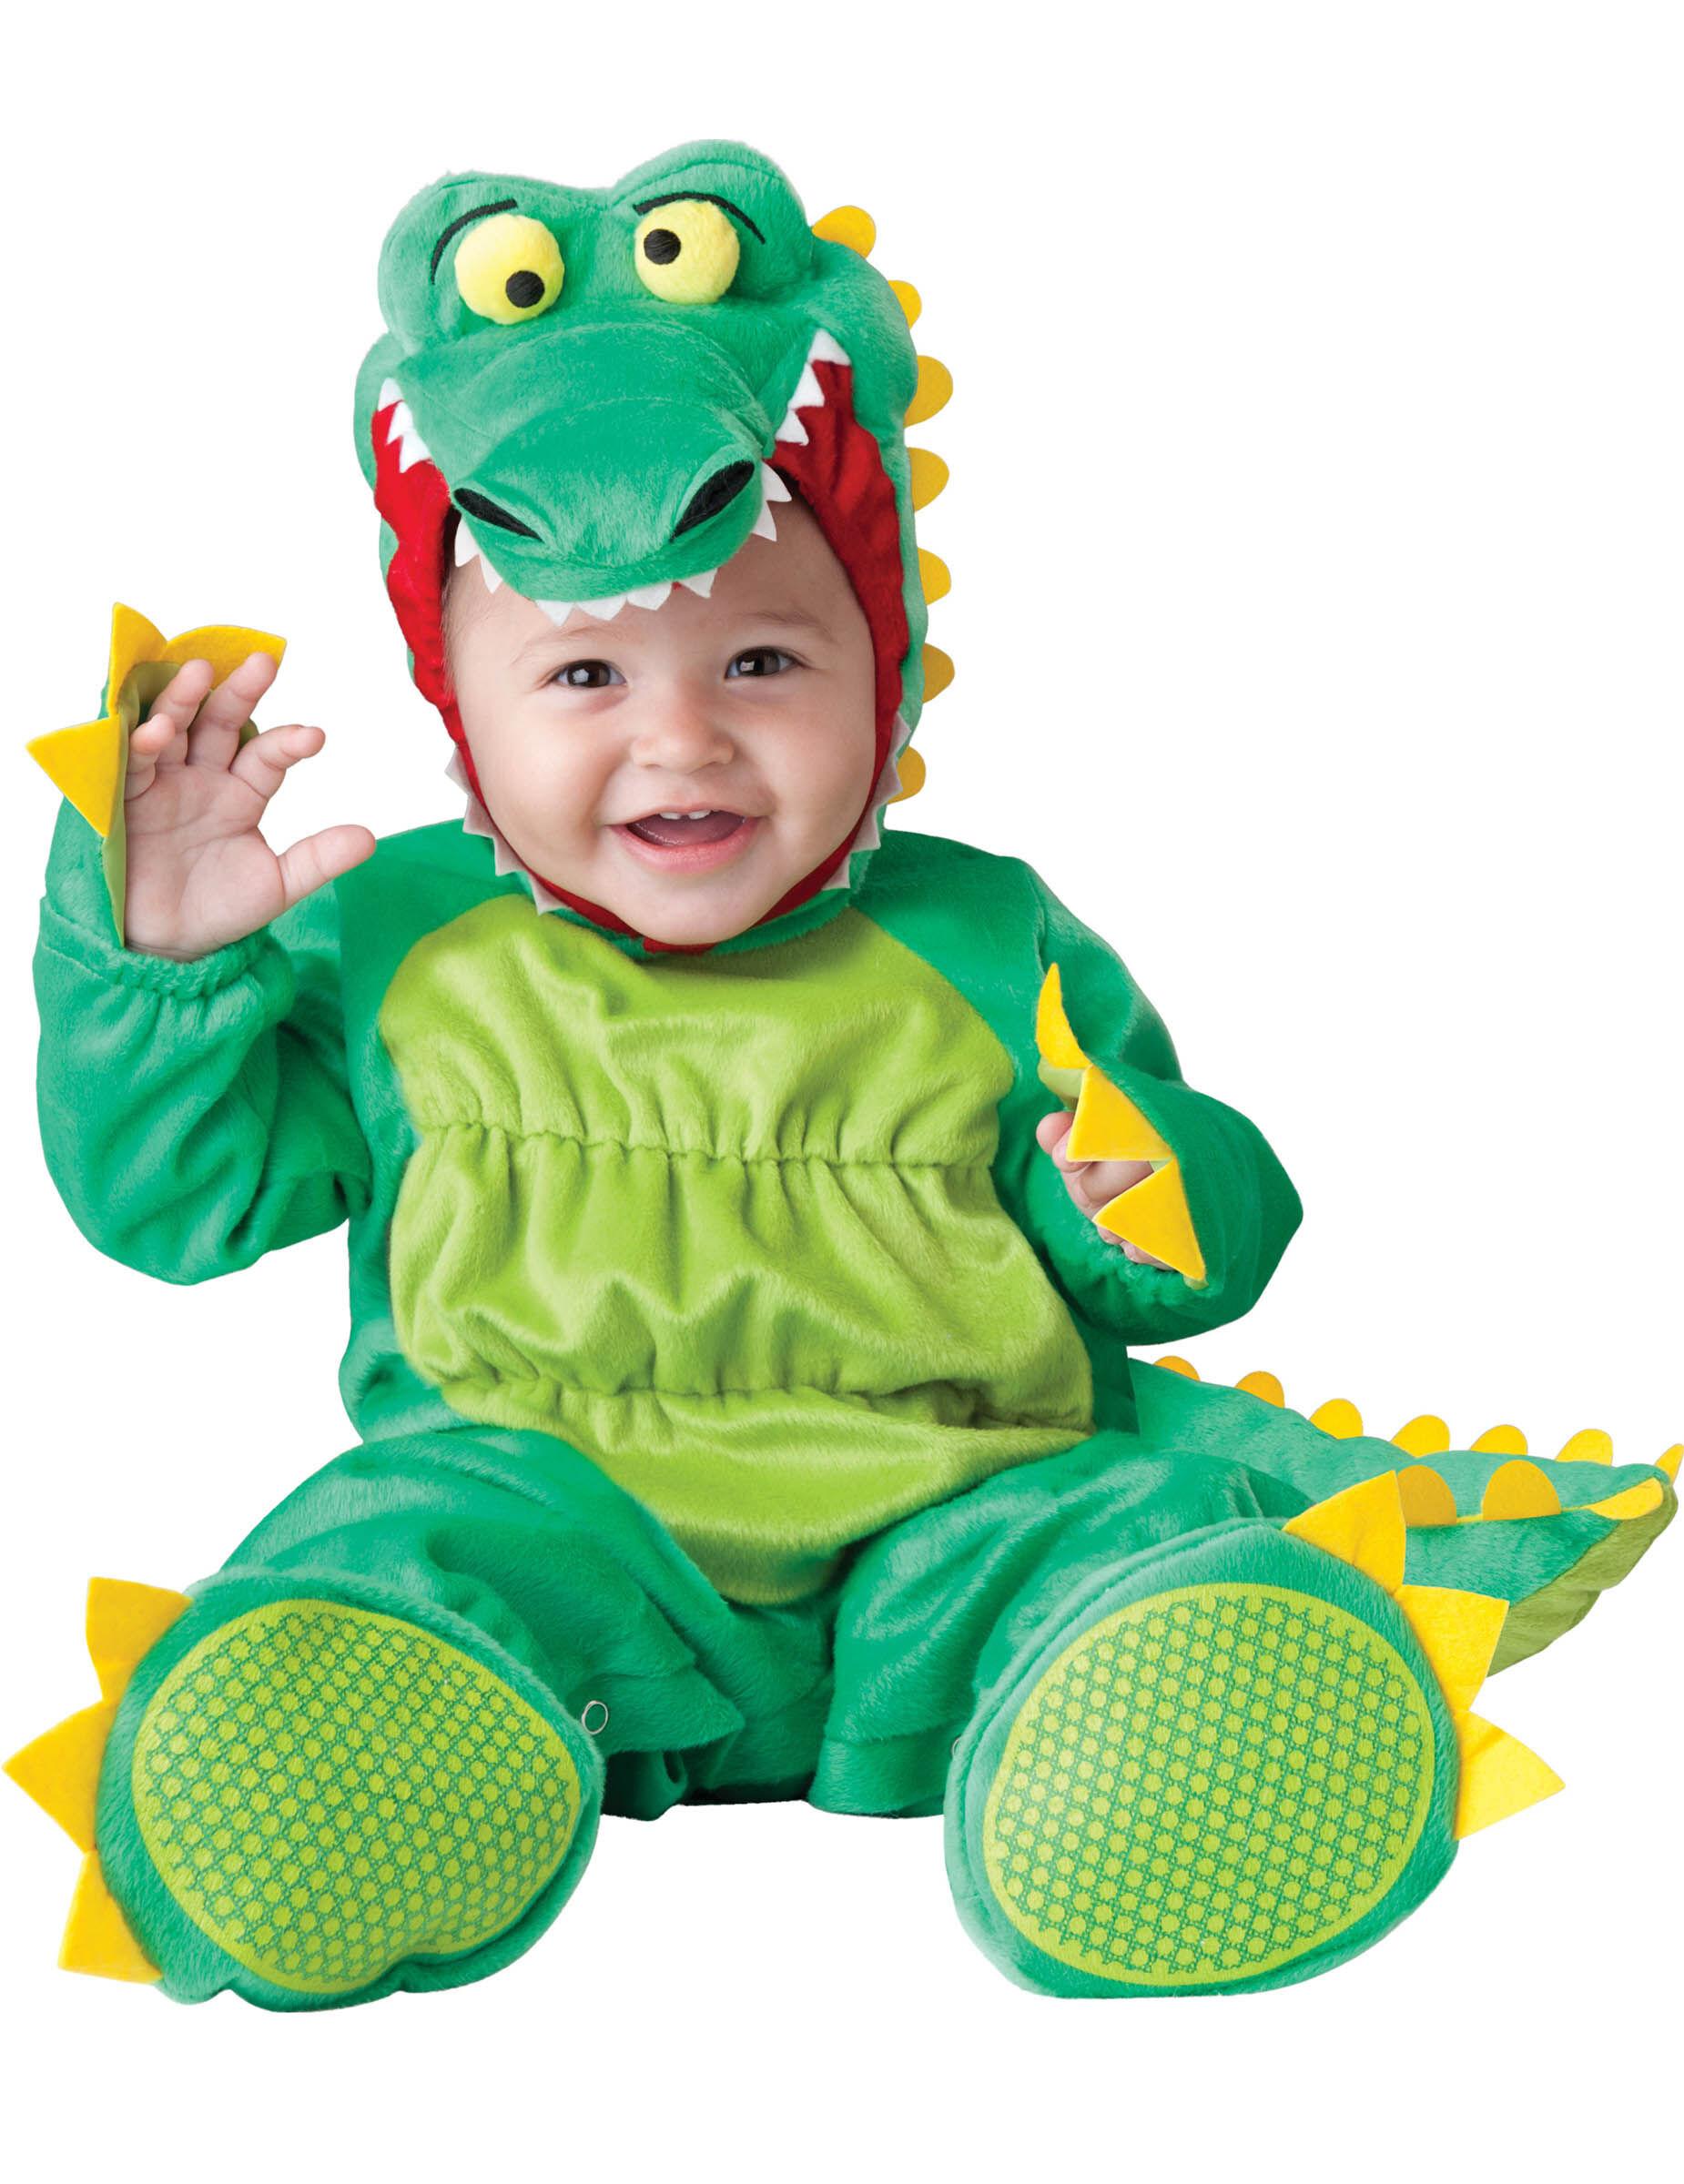 Deguisetoi Déguisement crocodile pour bébé - Luxe - Taille: 12-18 mois (74-81 cm)